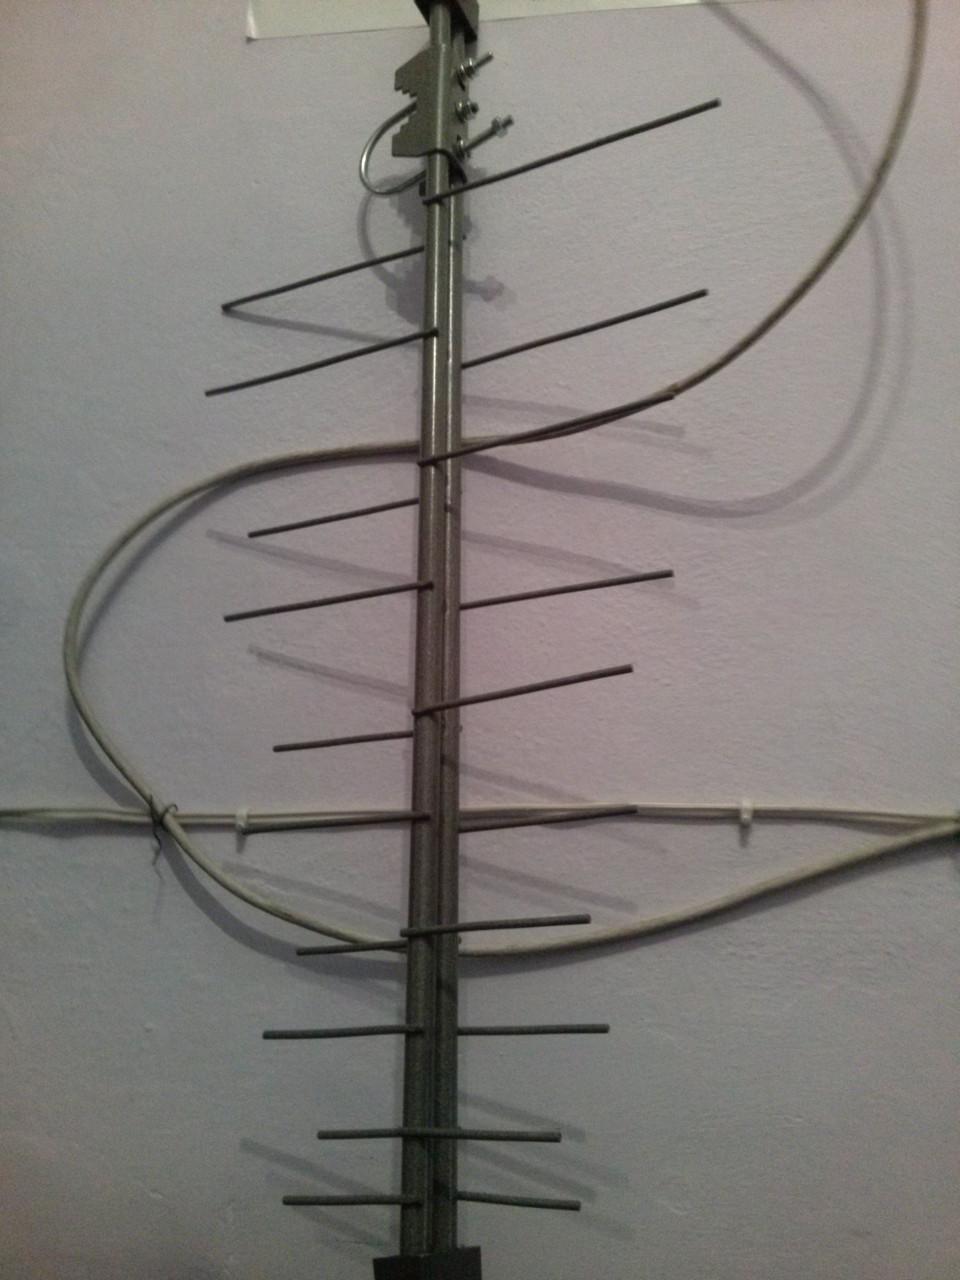 Эфирные антенны для цифровых Т-2 приёмников